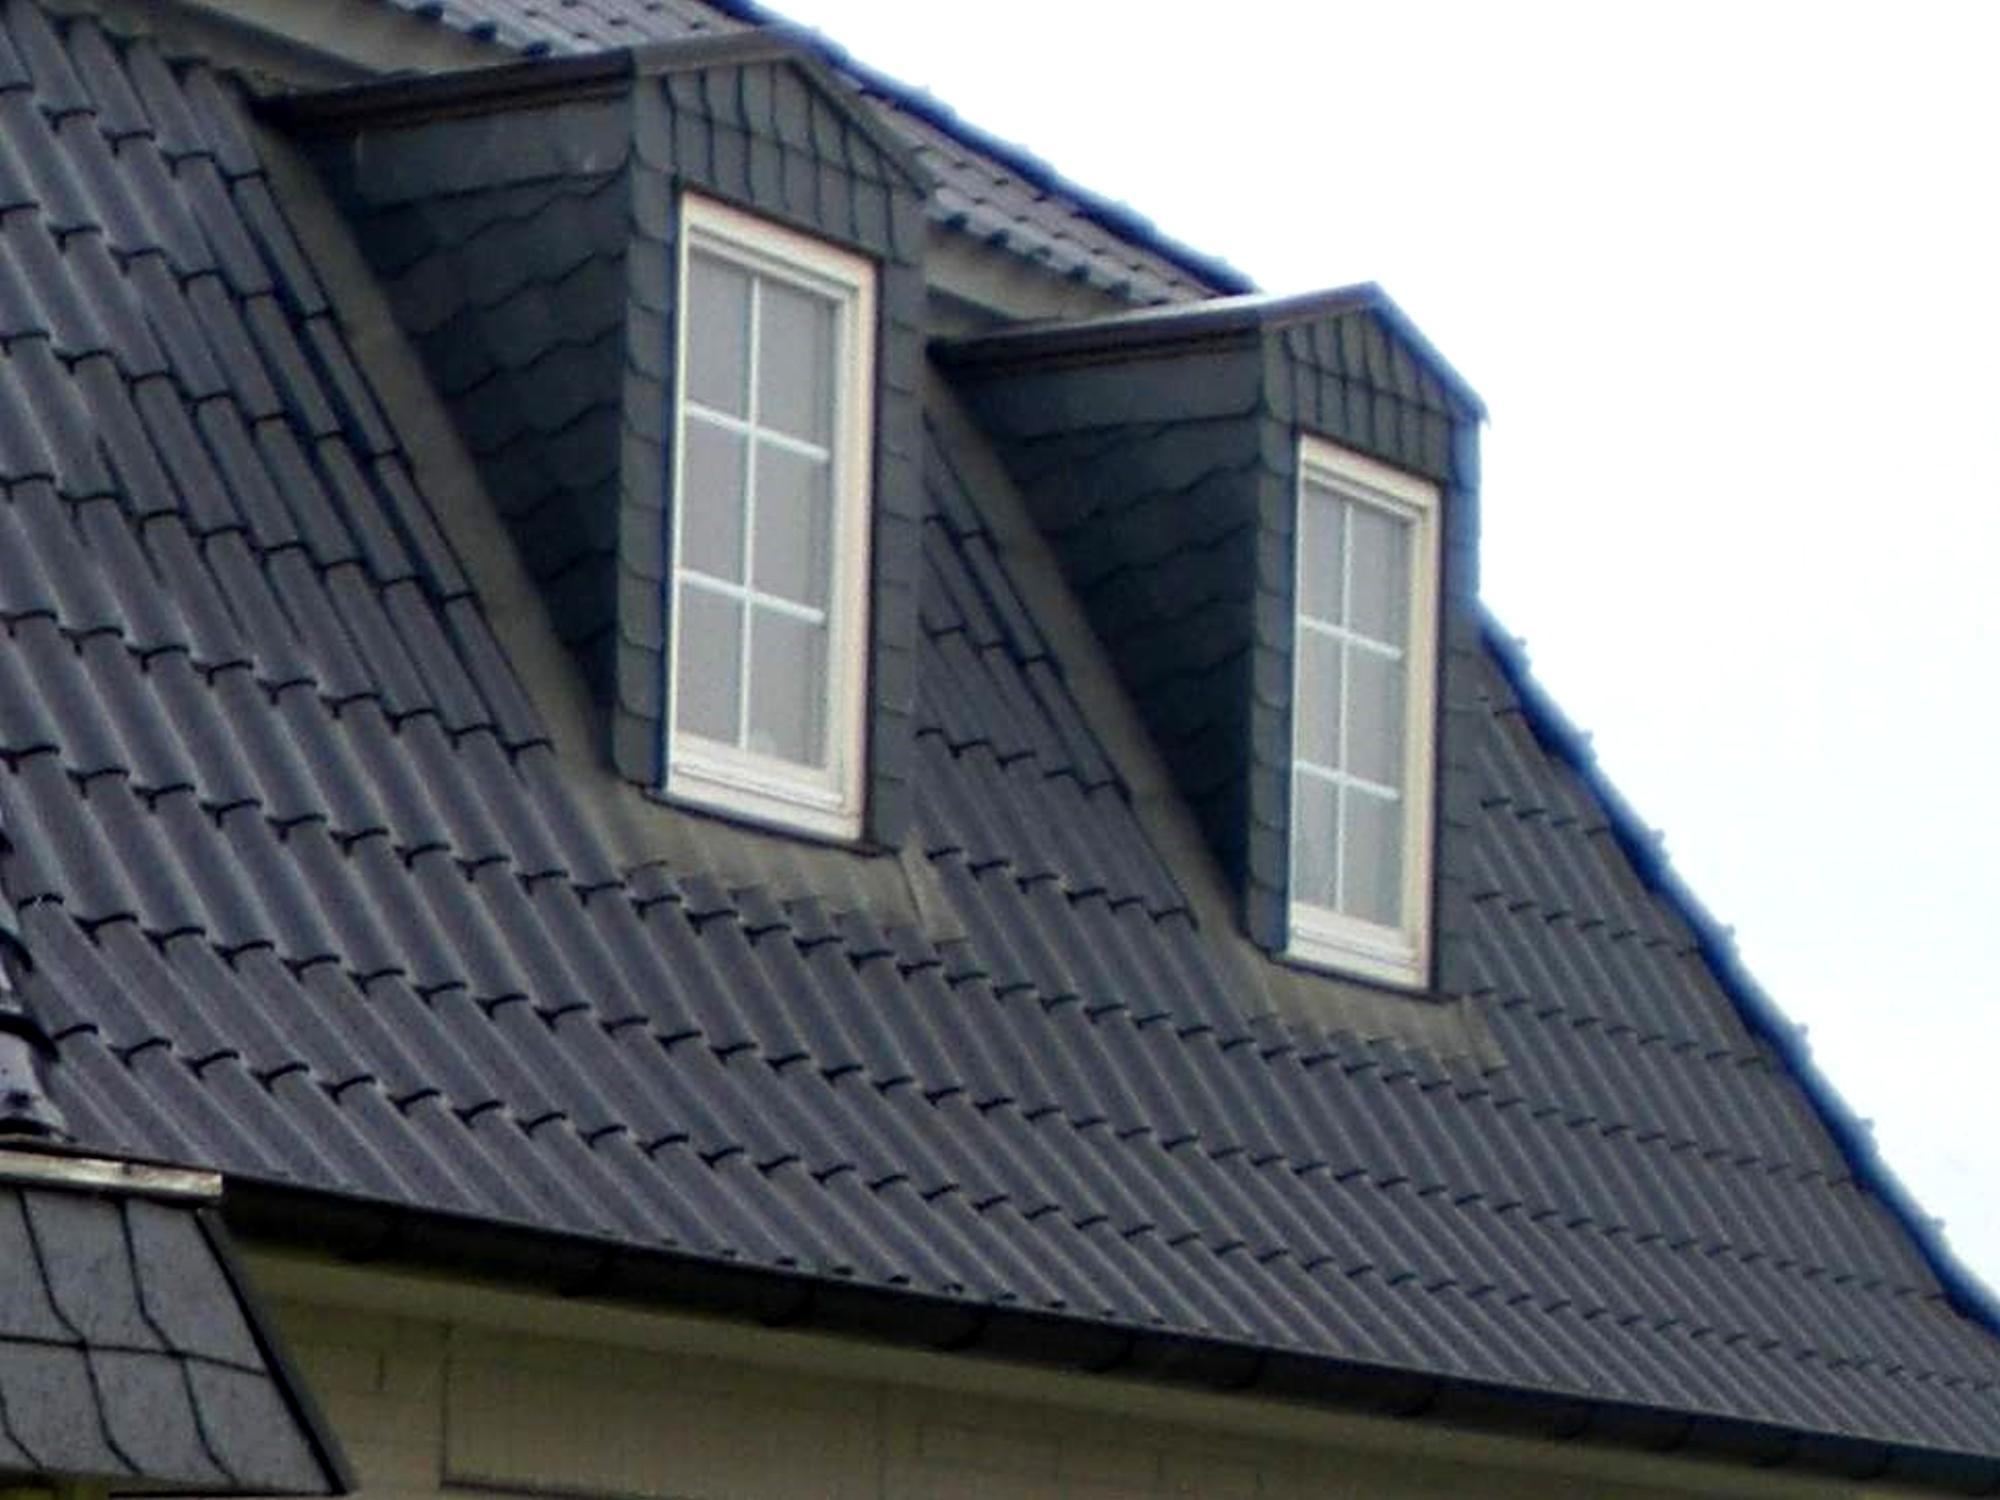 gauben und carport einer villa mit schwarzen schindeln. Black Bedroom Furniture Sets. Home Design Ideas